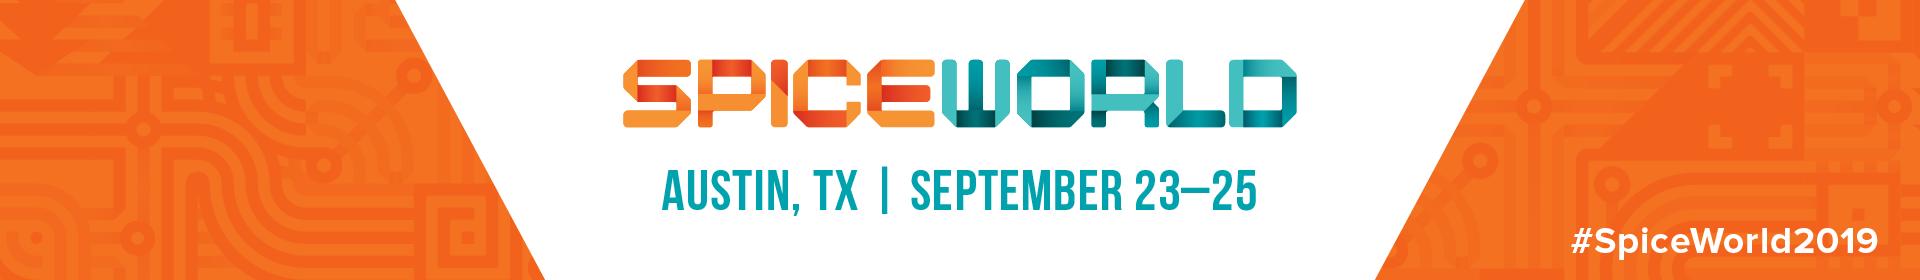 SpiceWorld 2019 Event Banner